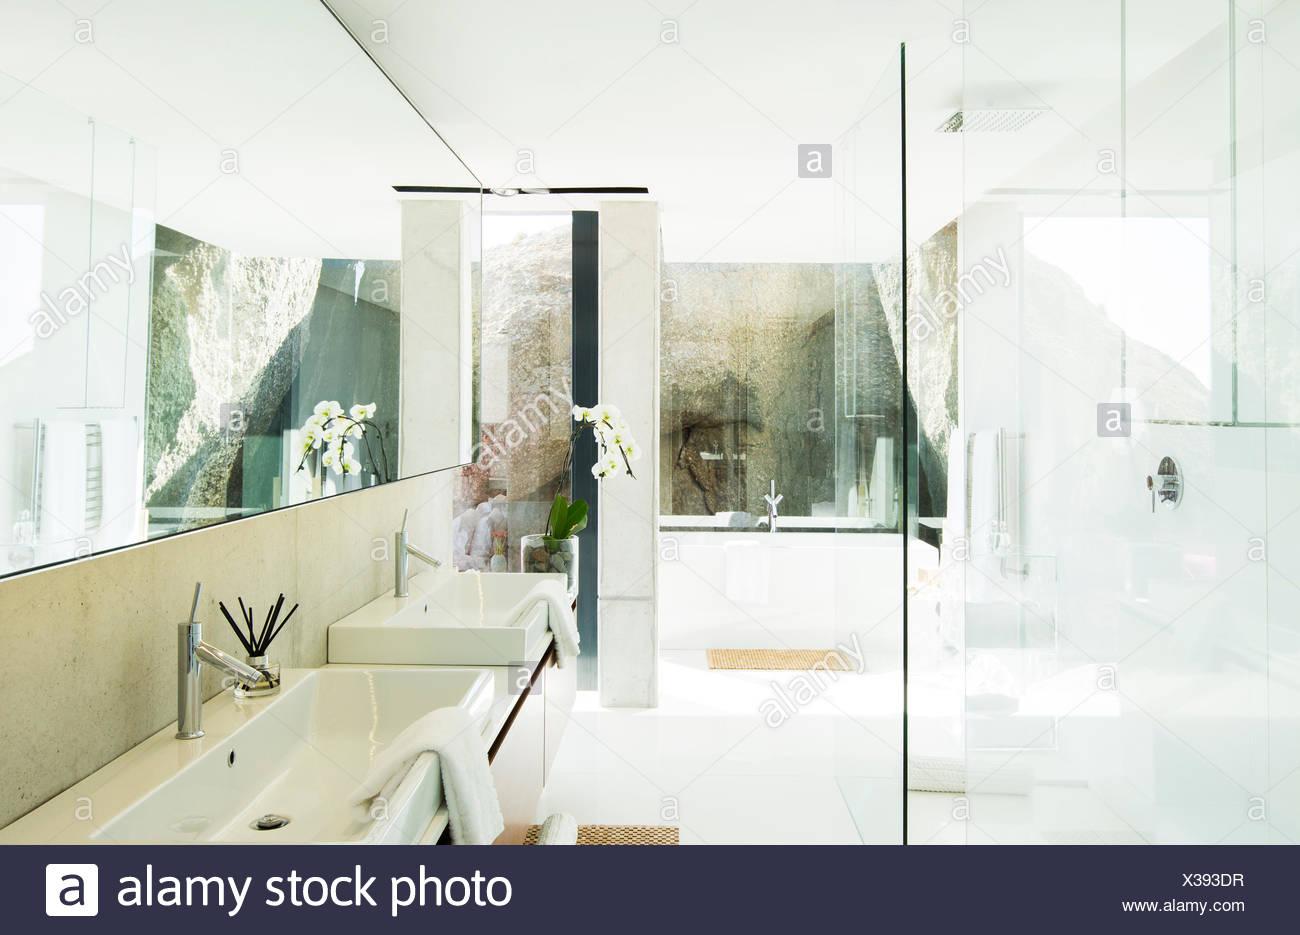 Sala Da Bagno Moderna : Lavandini e vasca da bagno in una moderna stanza da bagno foto